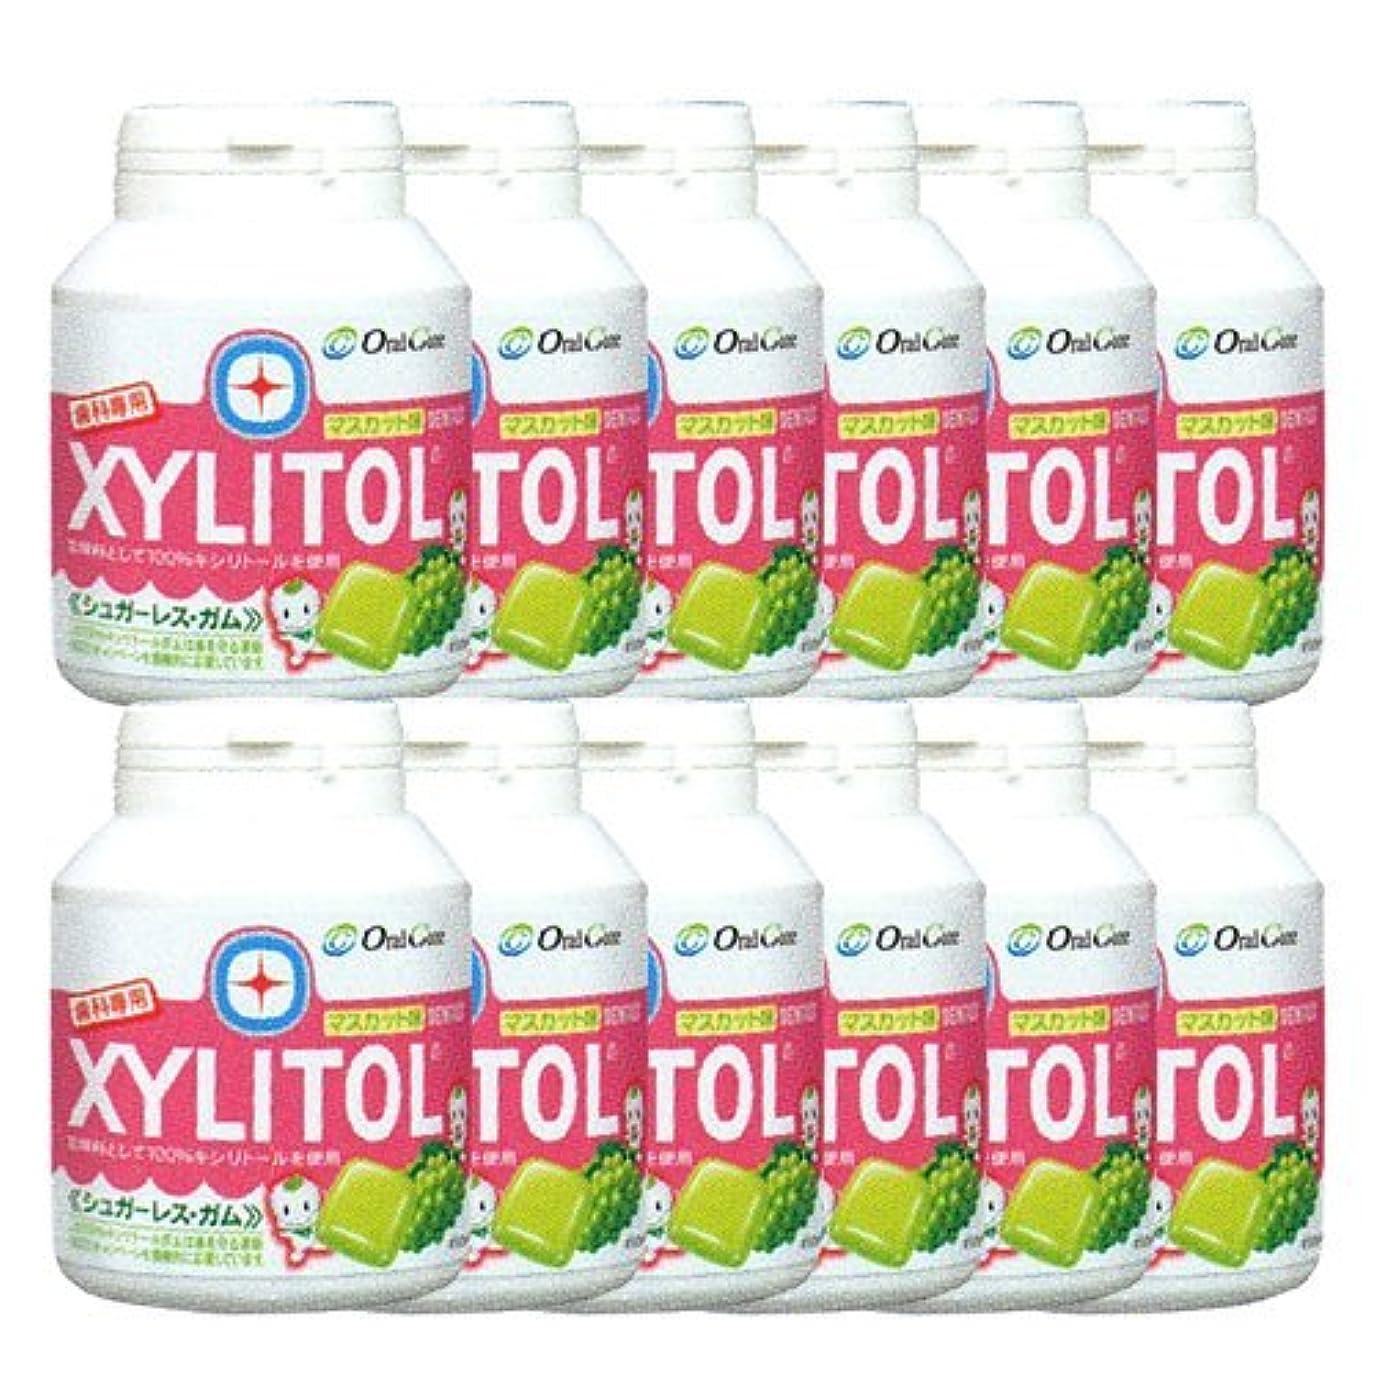 確執技術的なバックグラウンド歯科専売品 キシリトール ガム ボトル タイプ 90粒×12本 マスカット キシリトール 100%